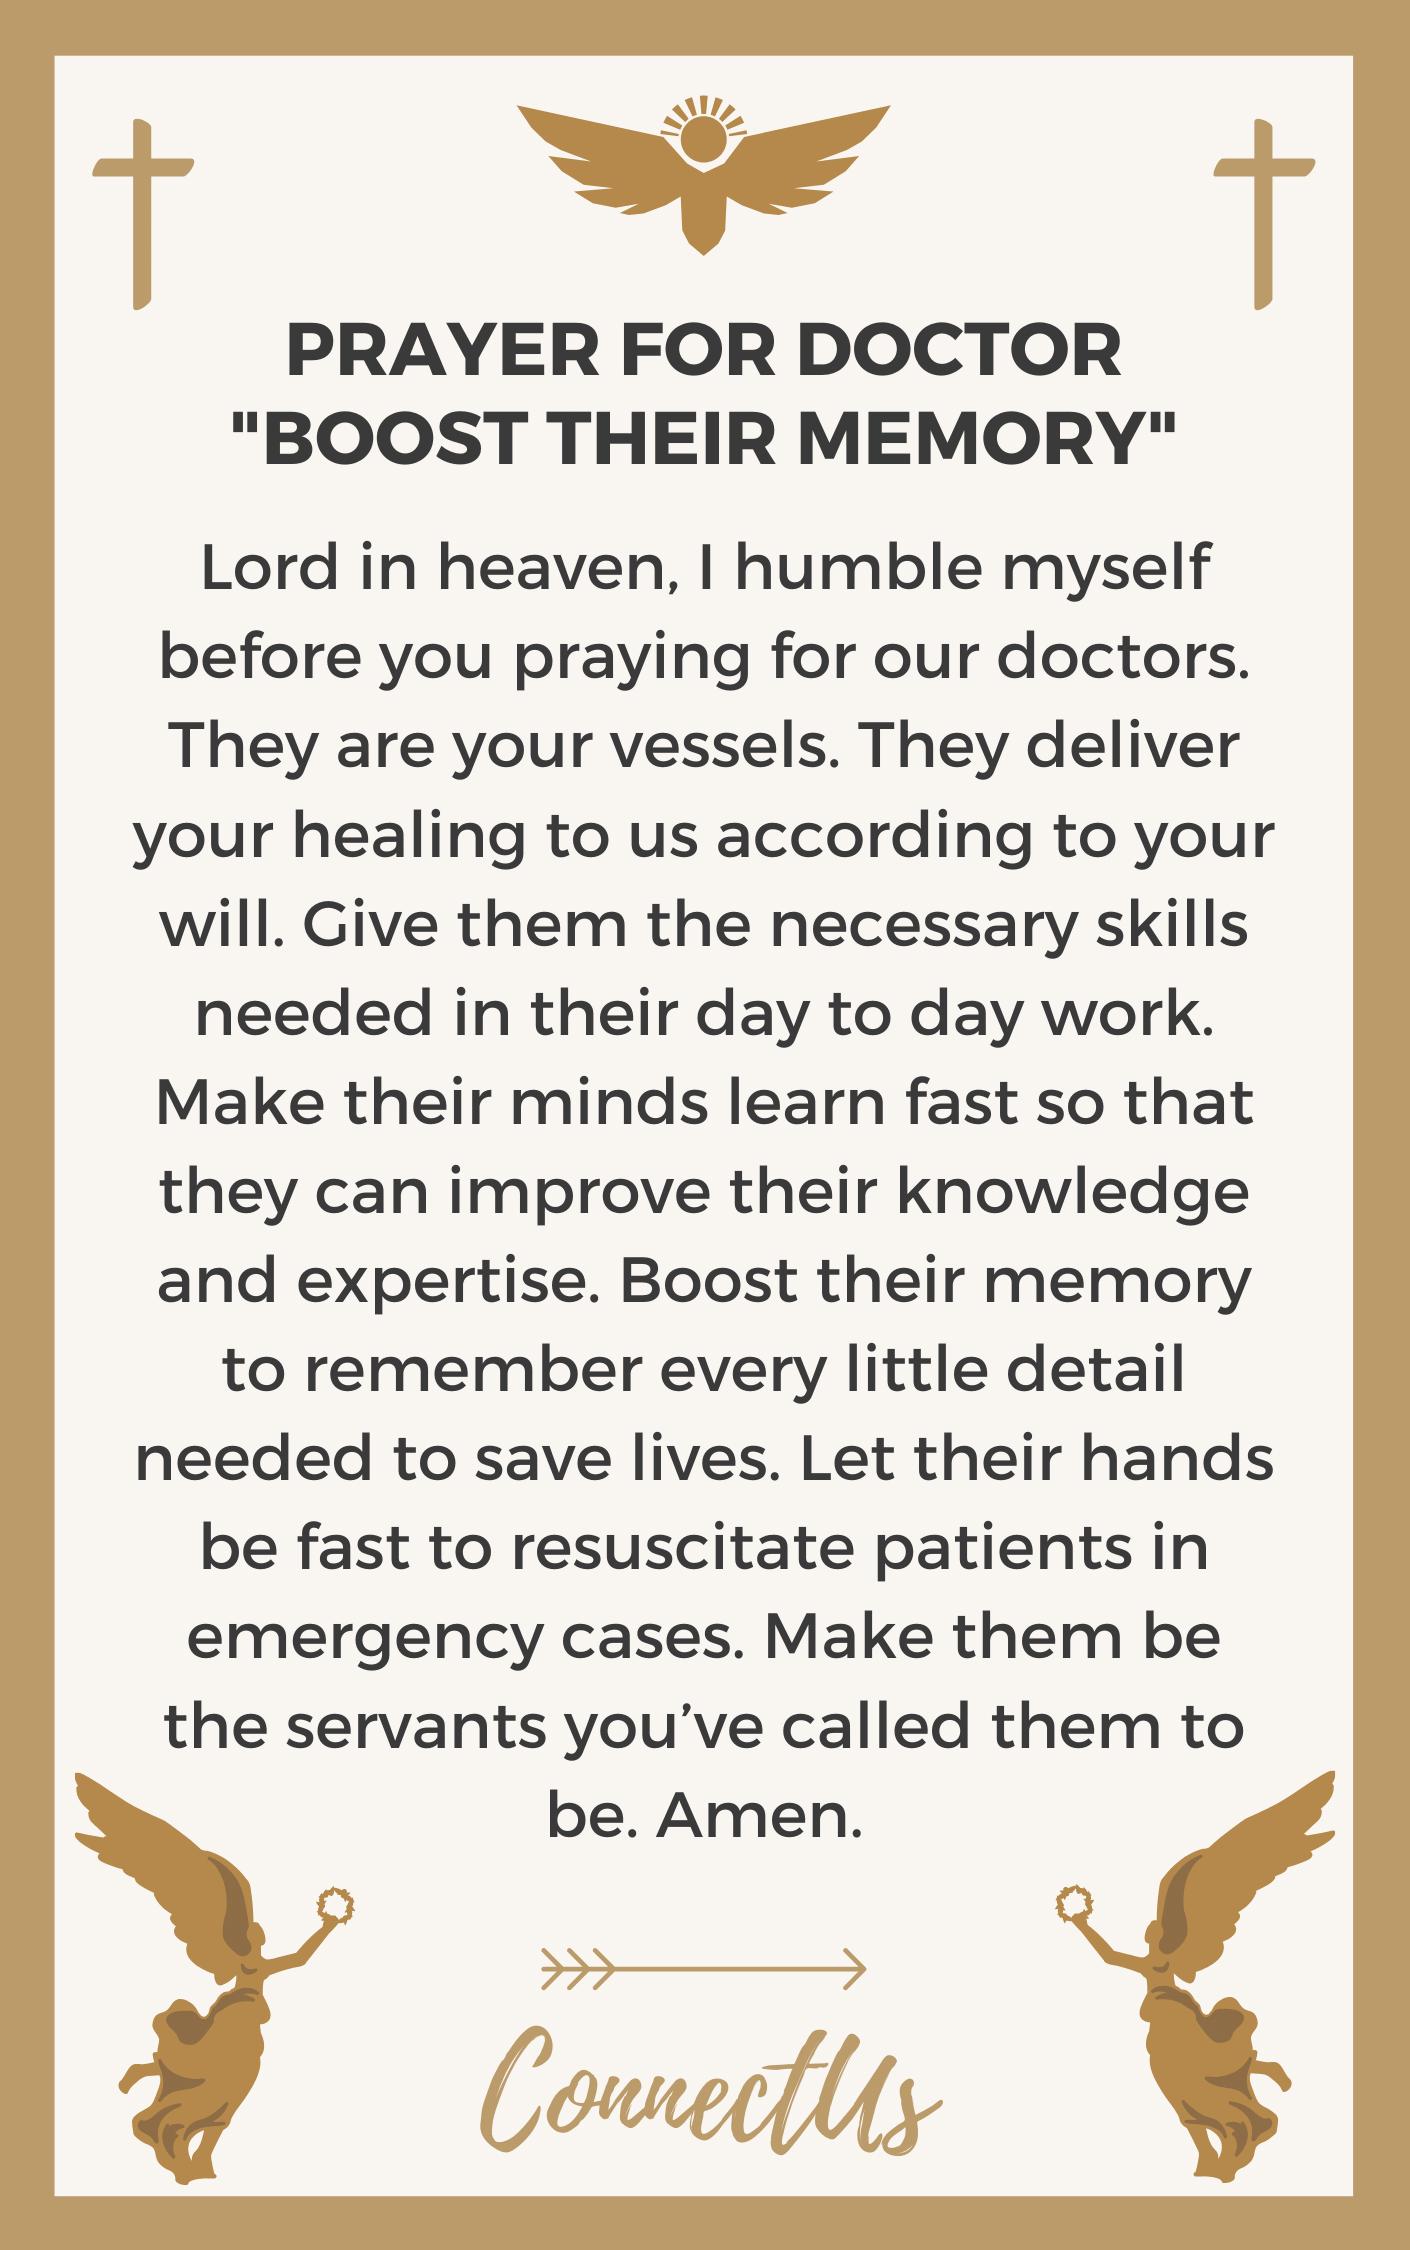 Prayer-for-Doctor-8